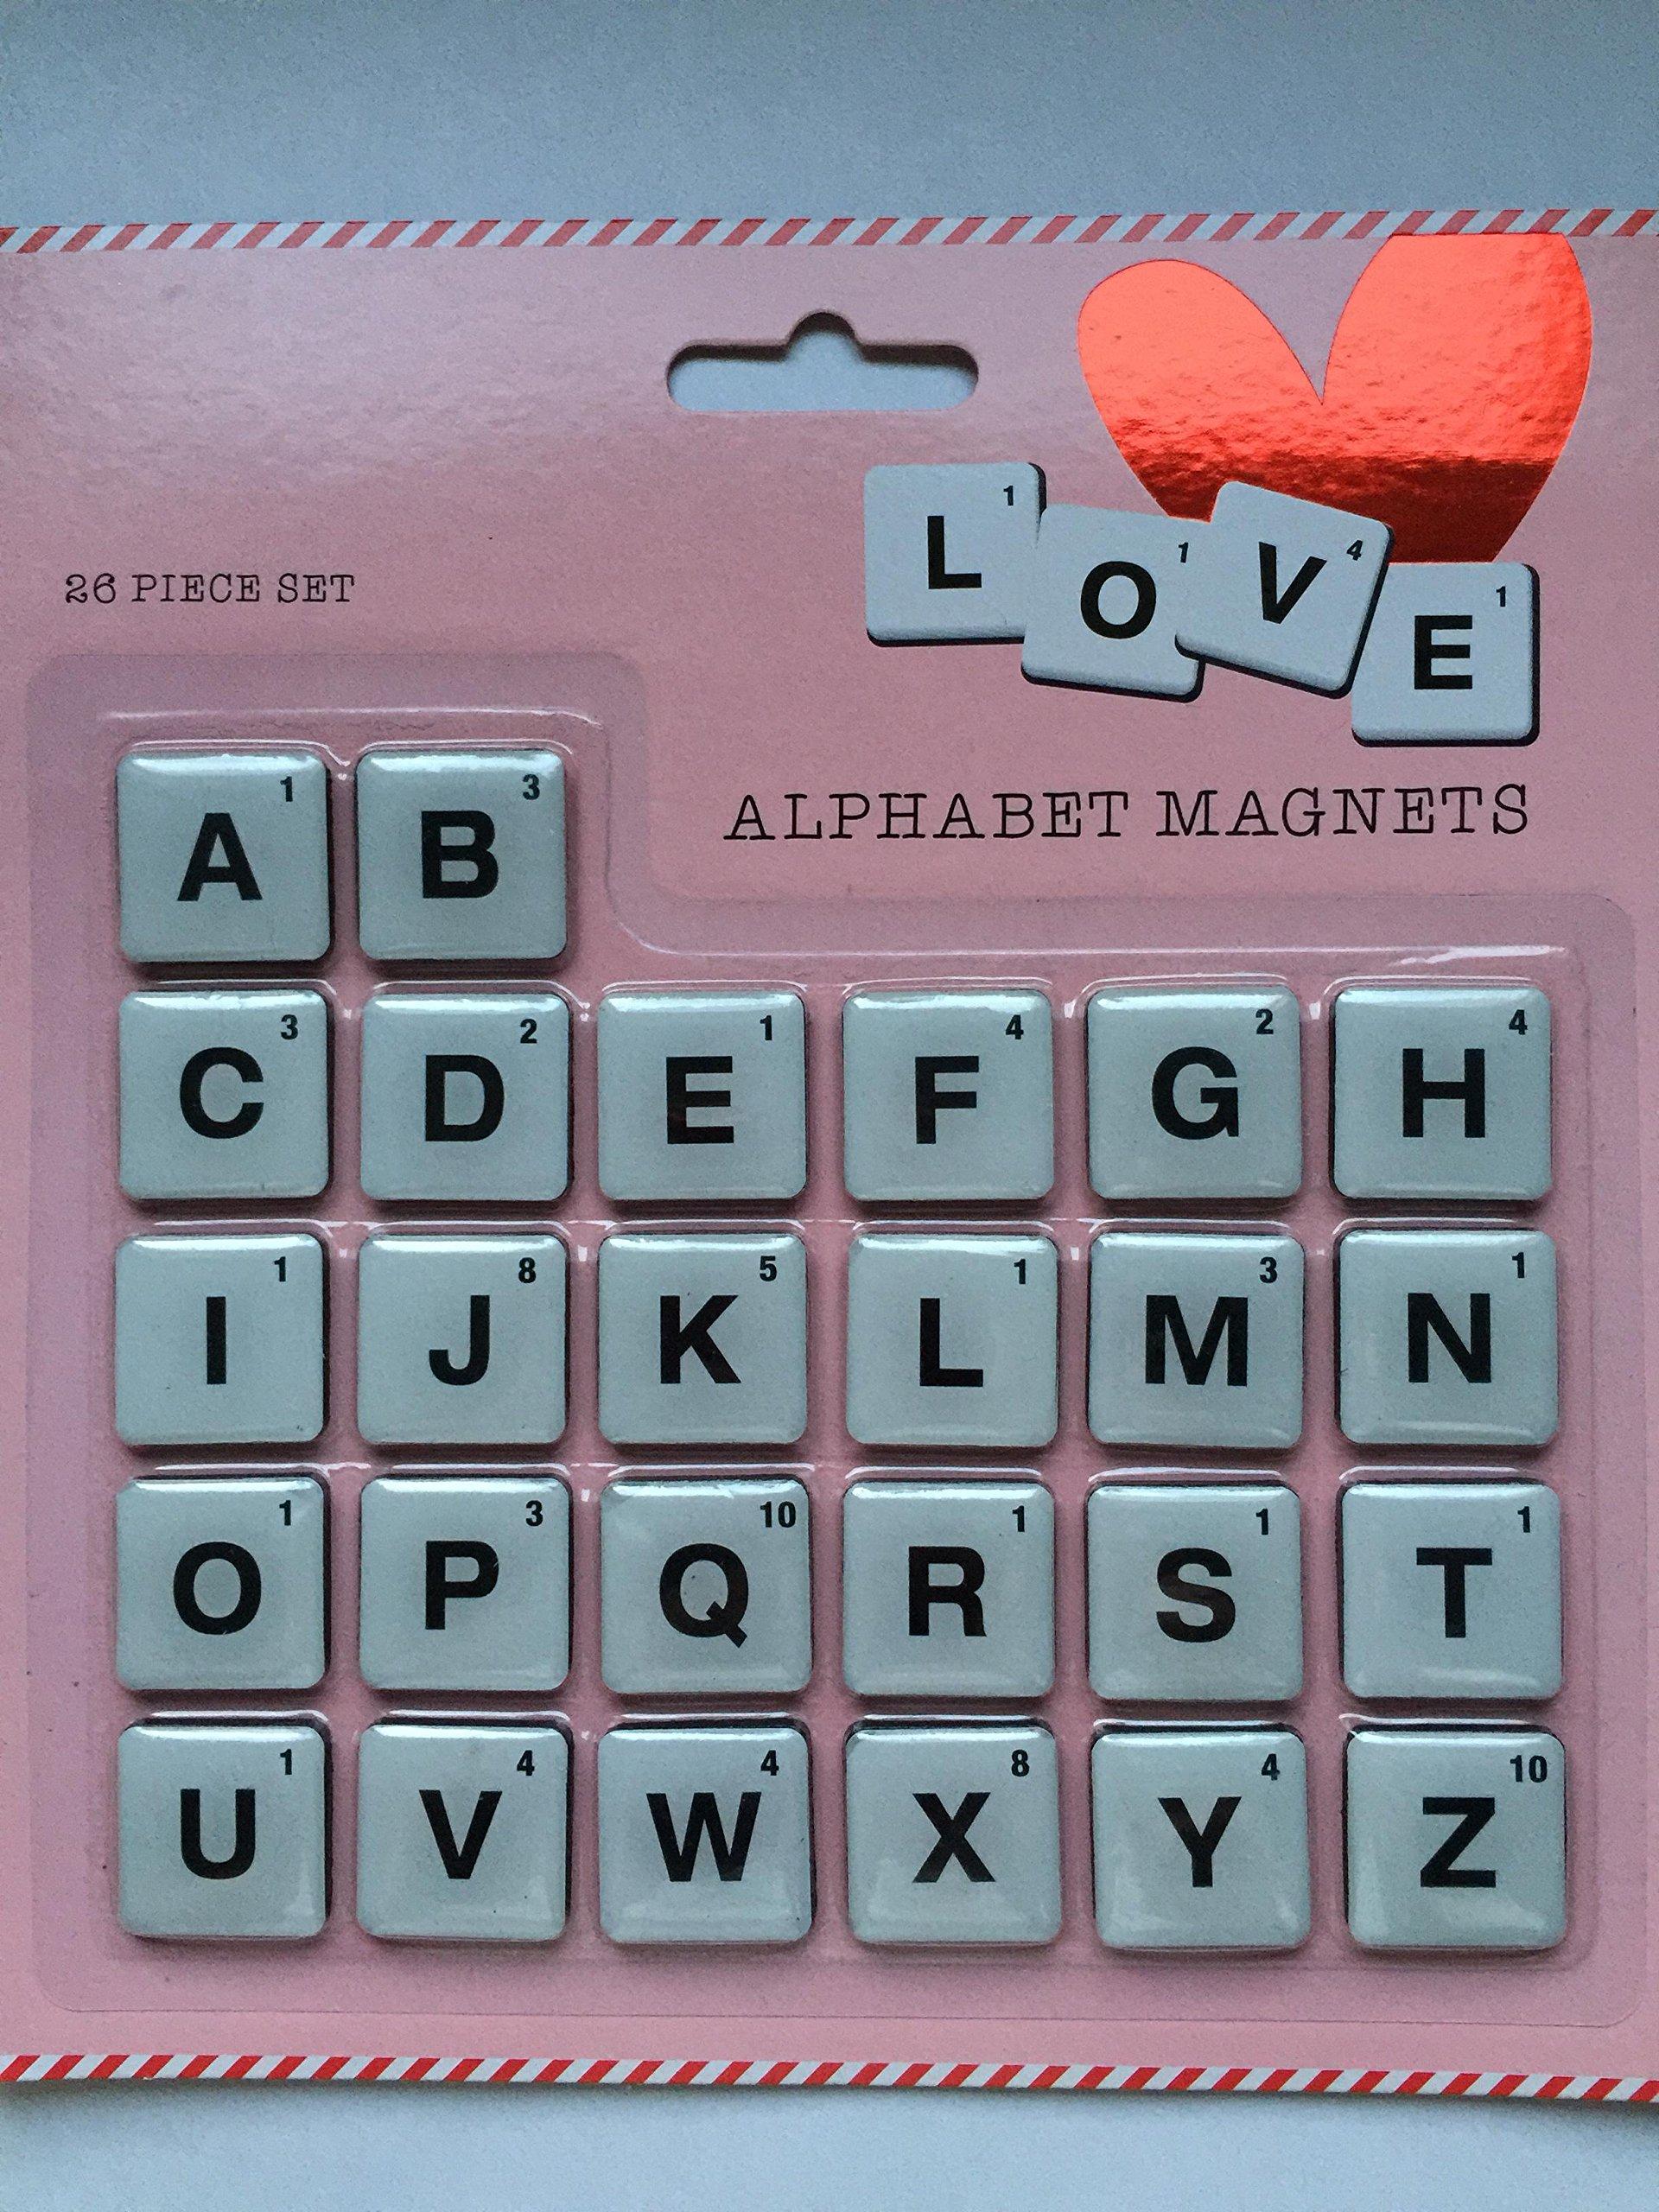 Alfabeto Scrabble Tile imanes de San Valentín Regalo divertido amor mensaje: Amazon.es: Hogar